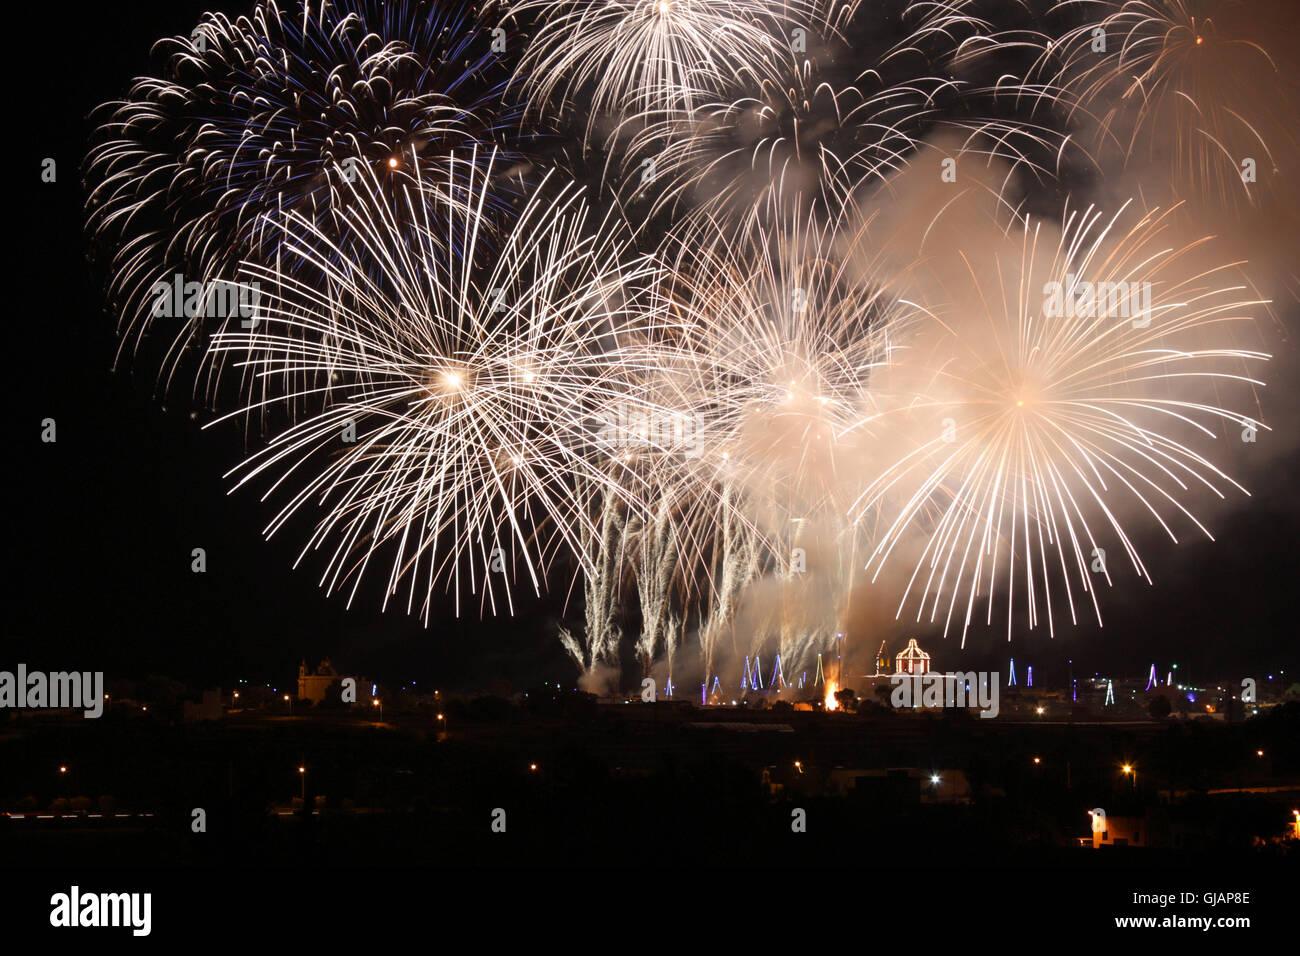 Feuerwerk während des Festes Mariä Himmelfahrt Ghaxaq, Malta Stockbild